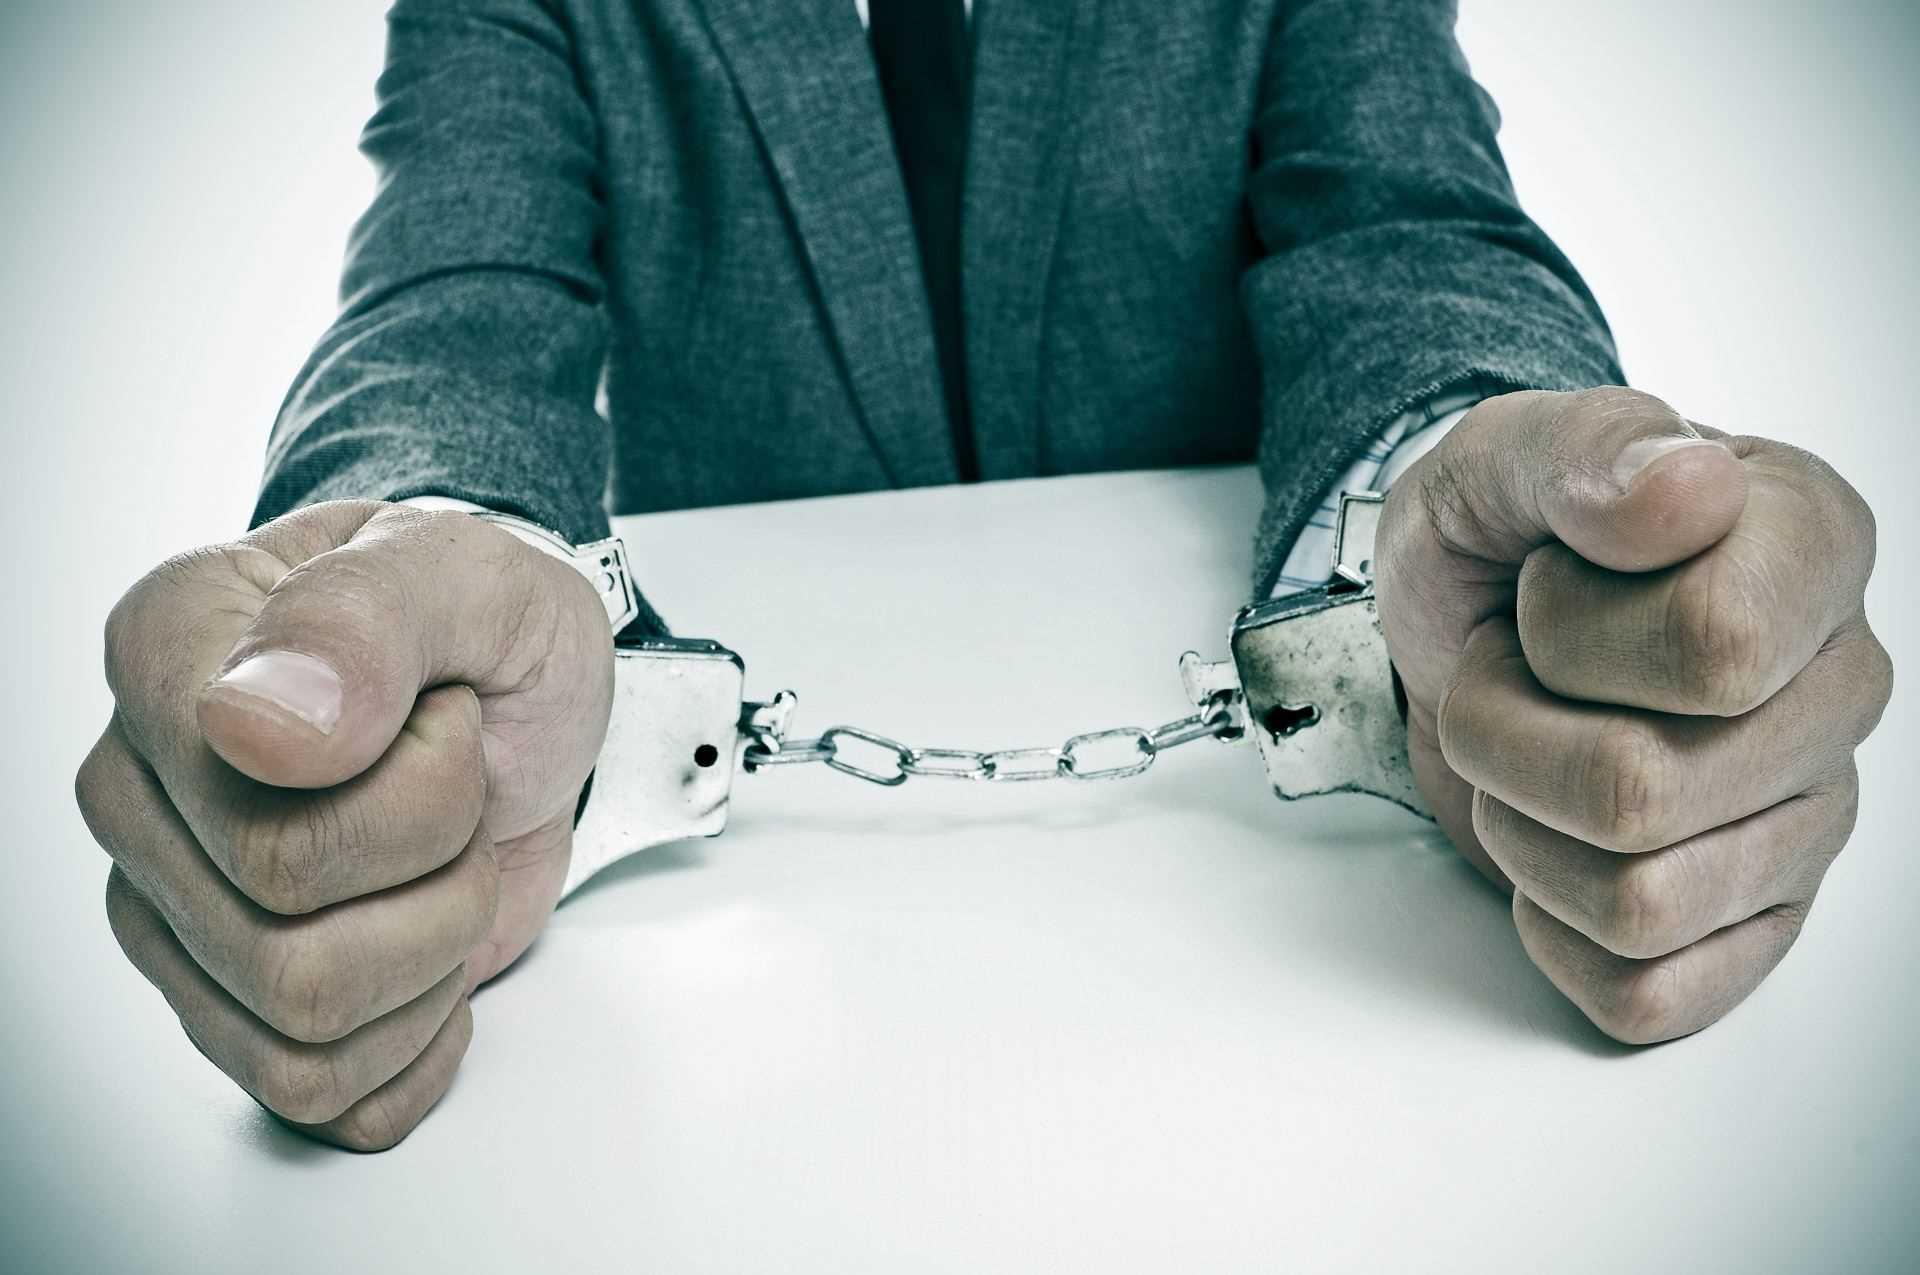 types of white collar crimes pdf